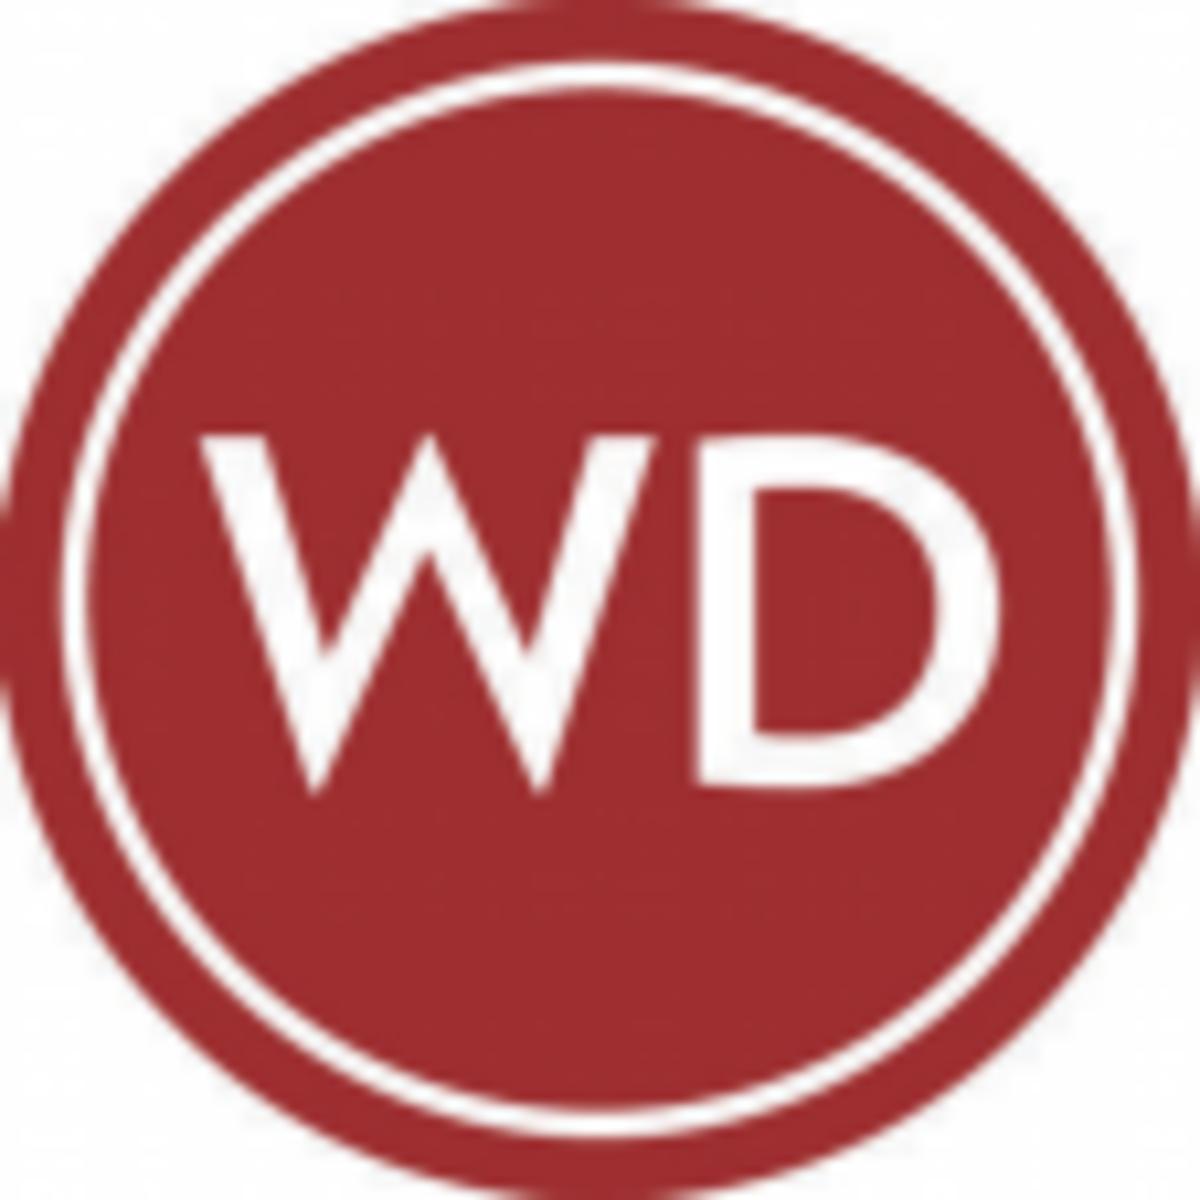 WDvert_color_400x400